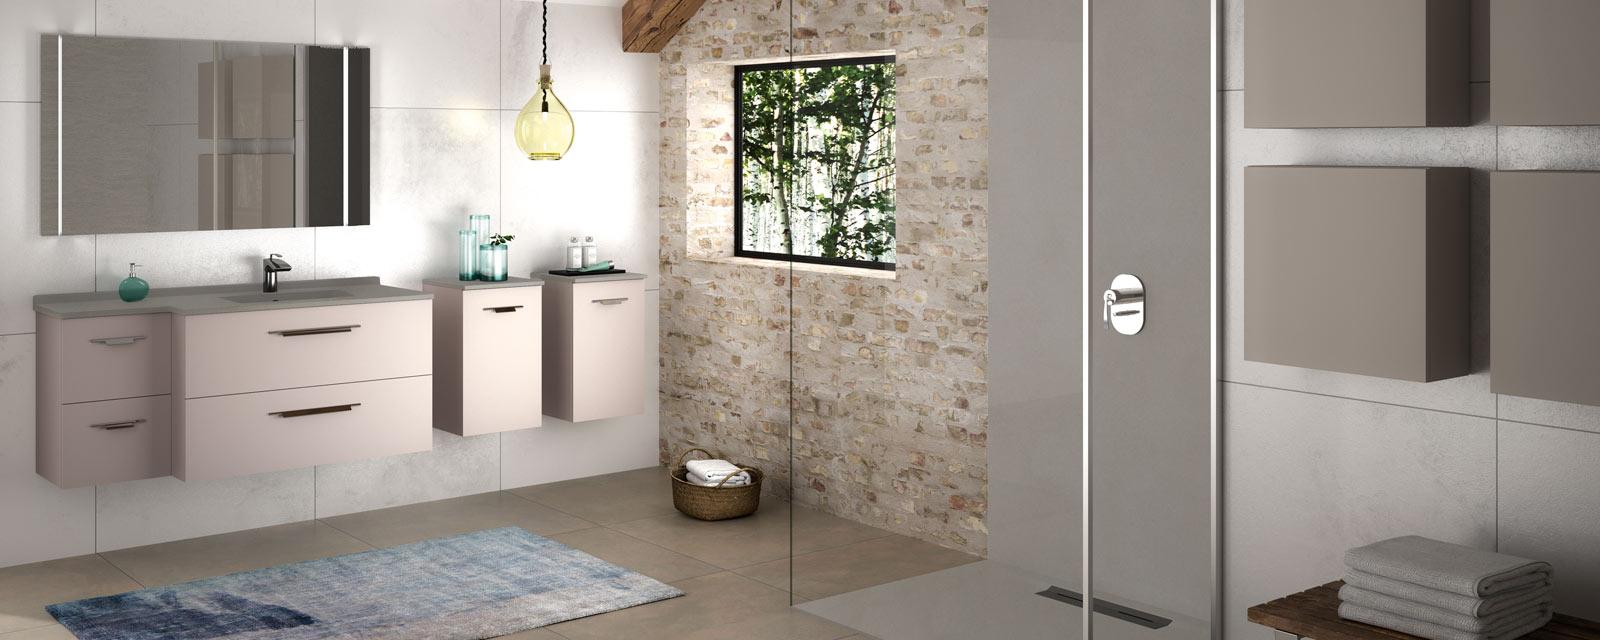 Moderniser Salle De Bain 10 astuces pour relooker sa salle de bain | guide artisan